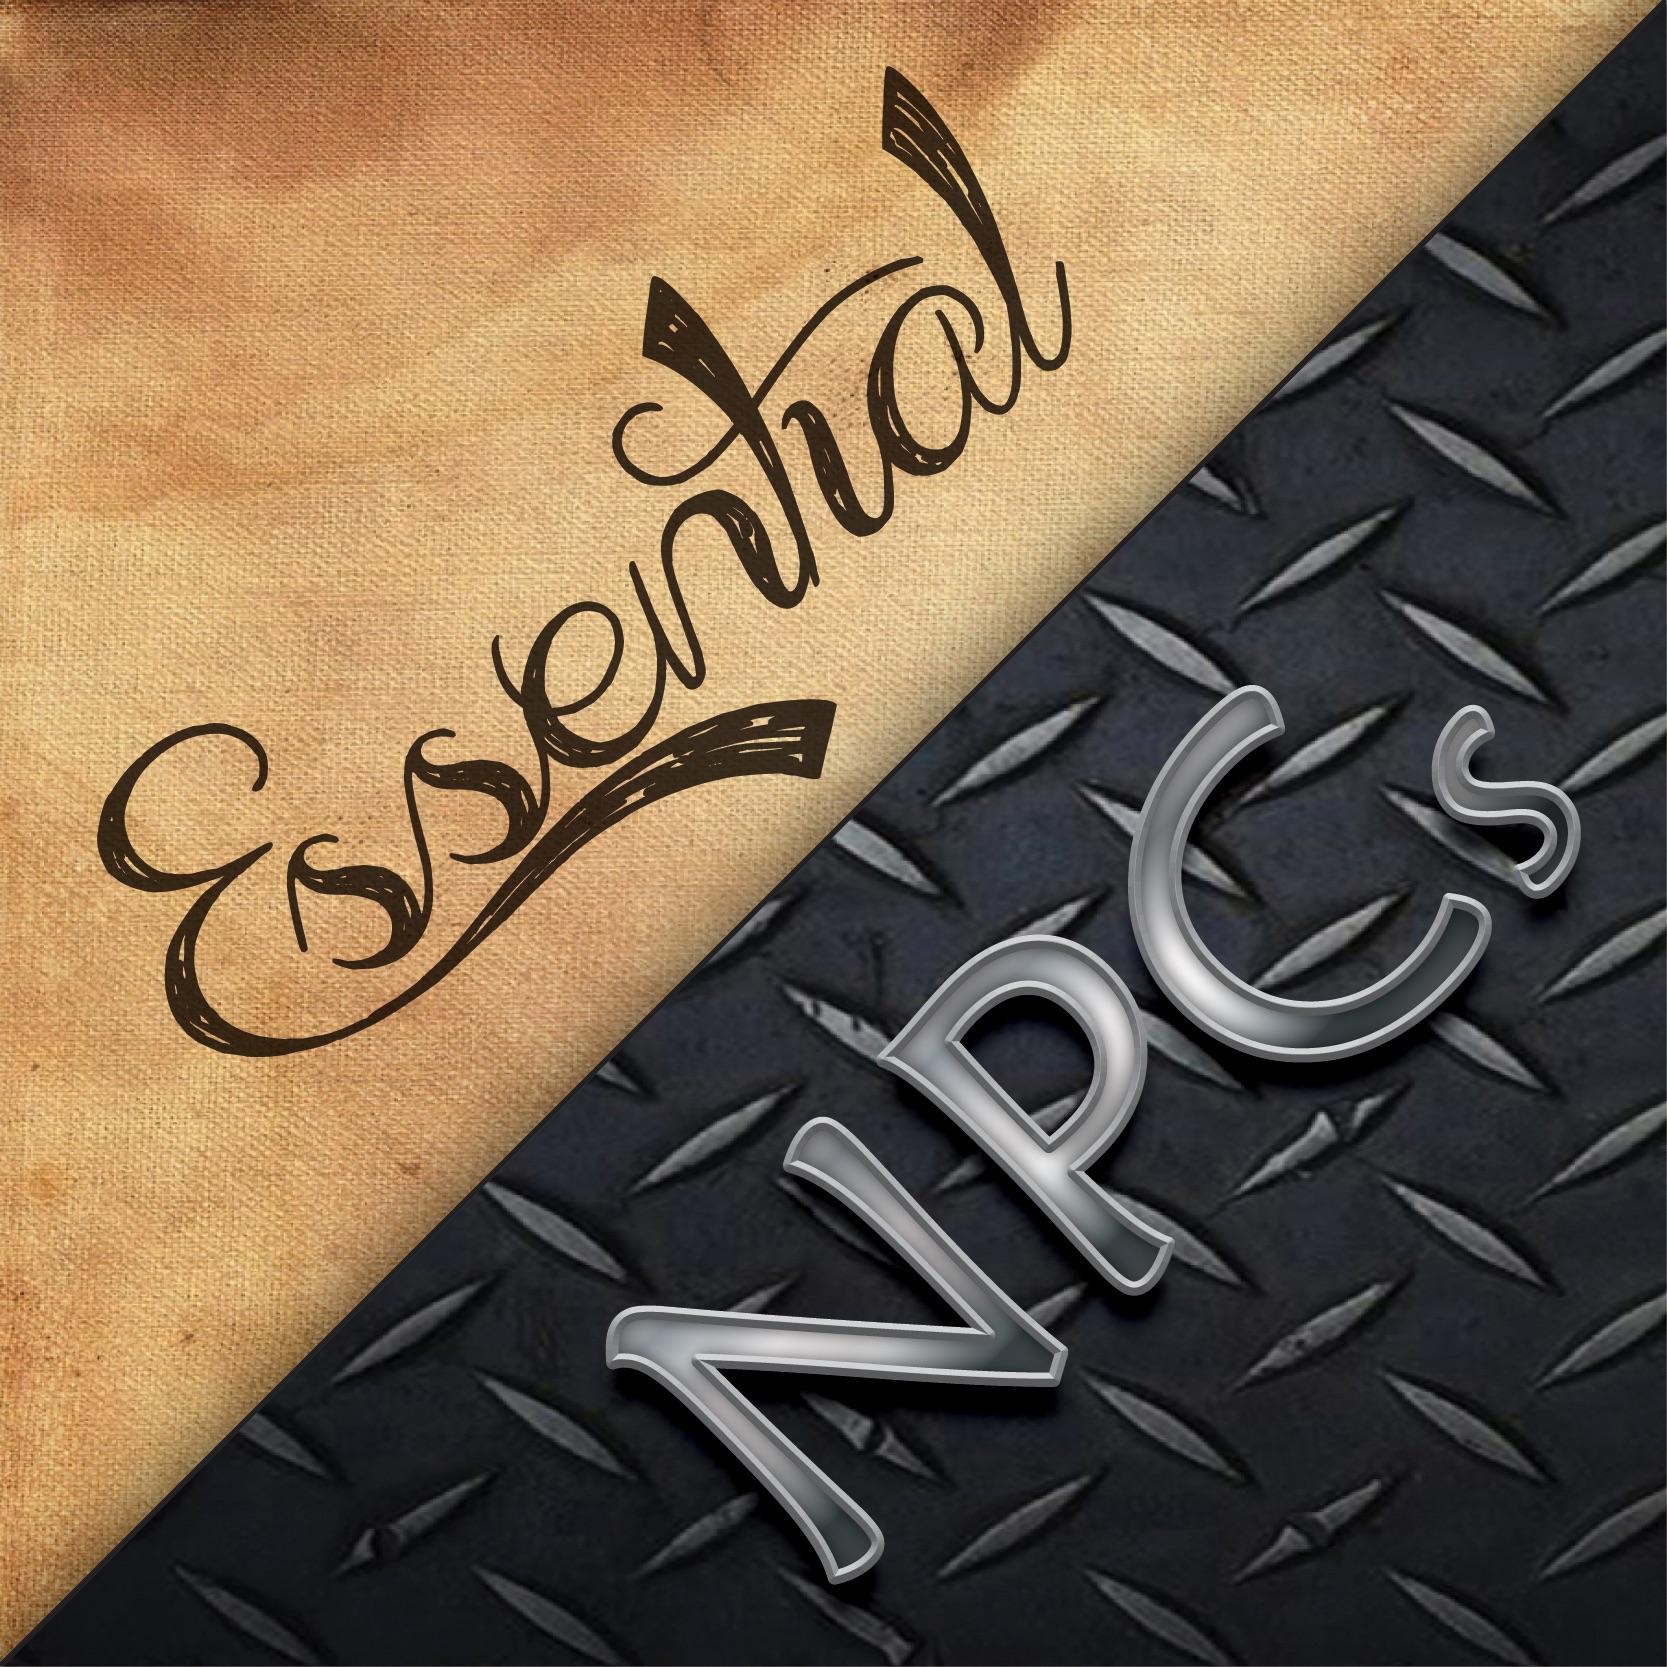 Essential NPCs